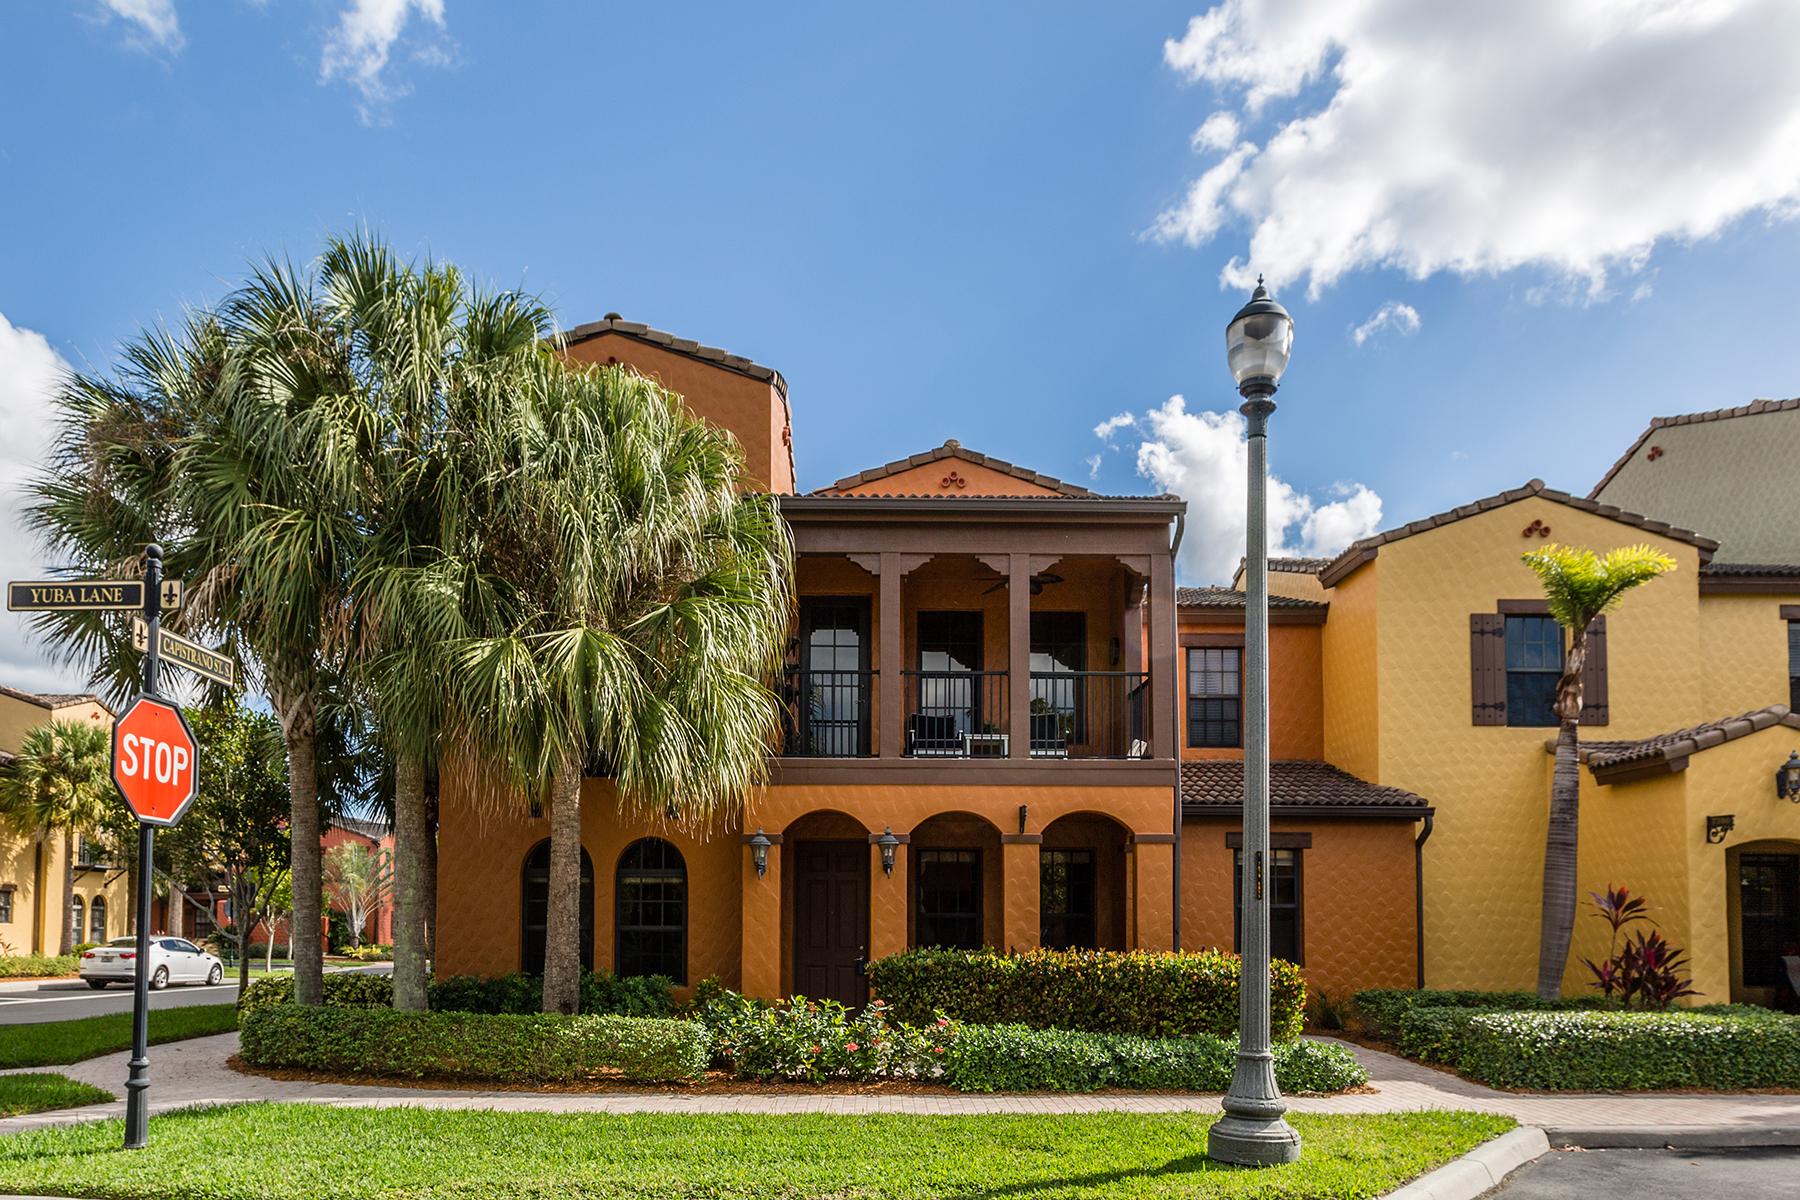 Condominium for Sale at Naples 9103 Capistrano St S 7705, Naples, Florida, 34113 United States